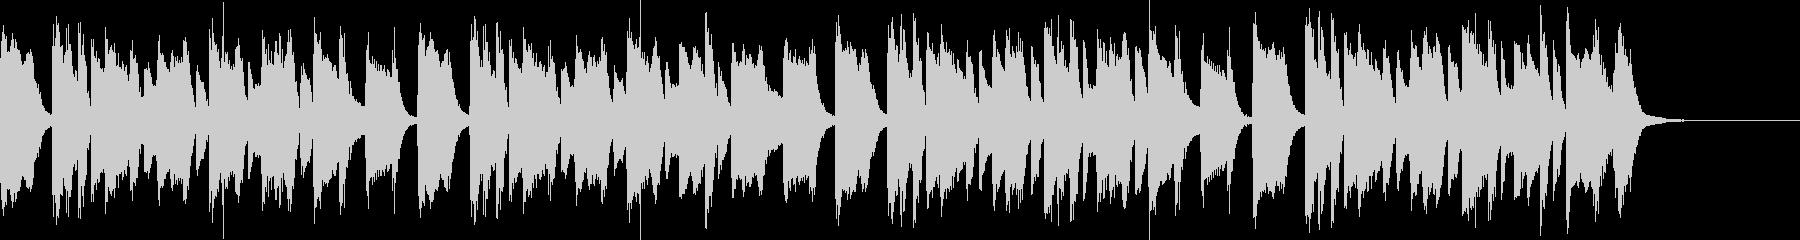 日常、軽快でシンプルなピアノフレーズの未再生の波形